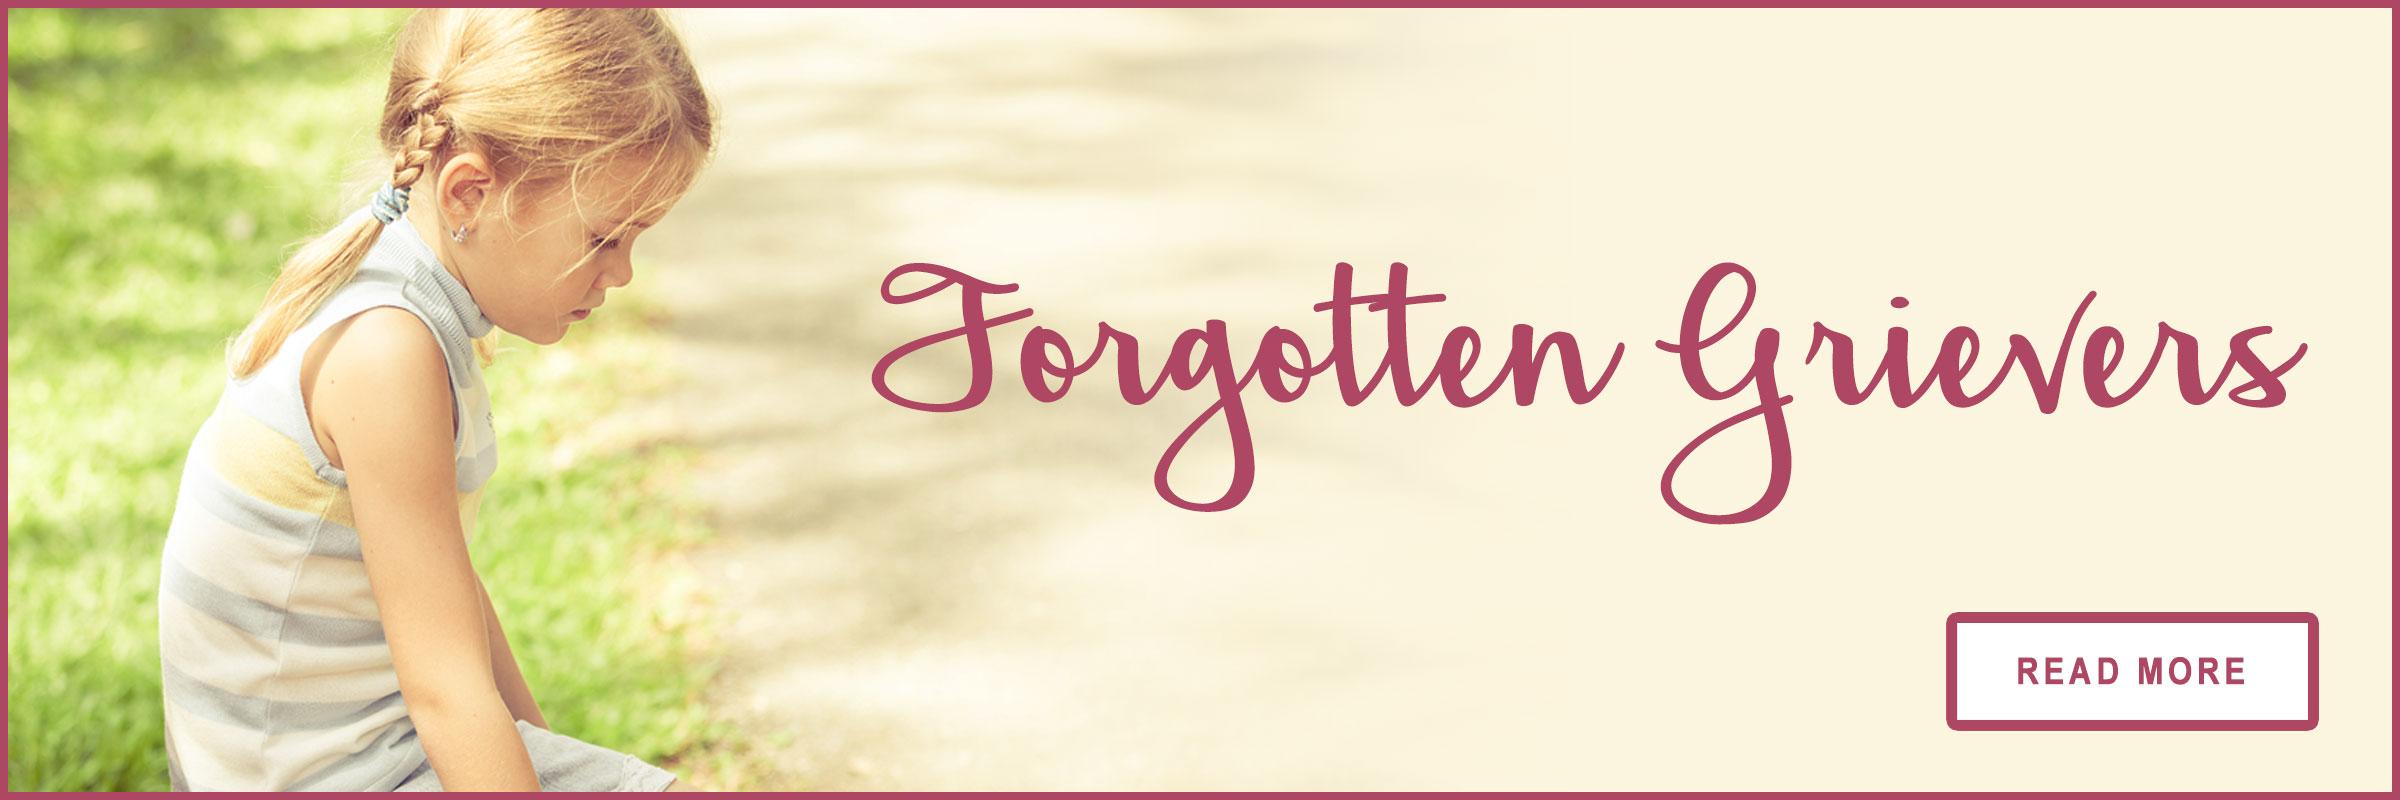 Forgotten-Grievers